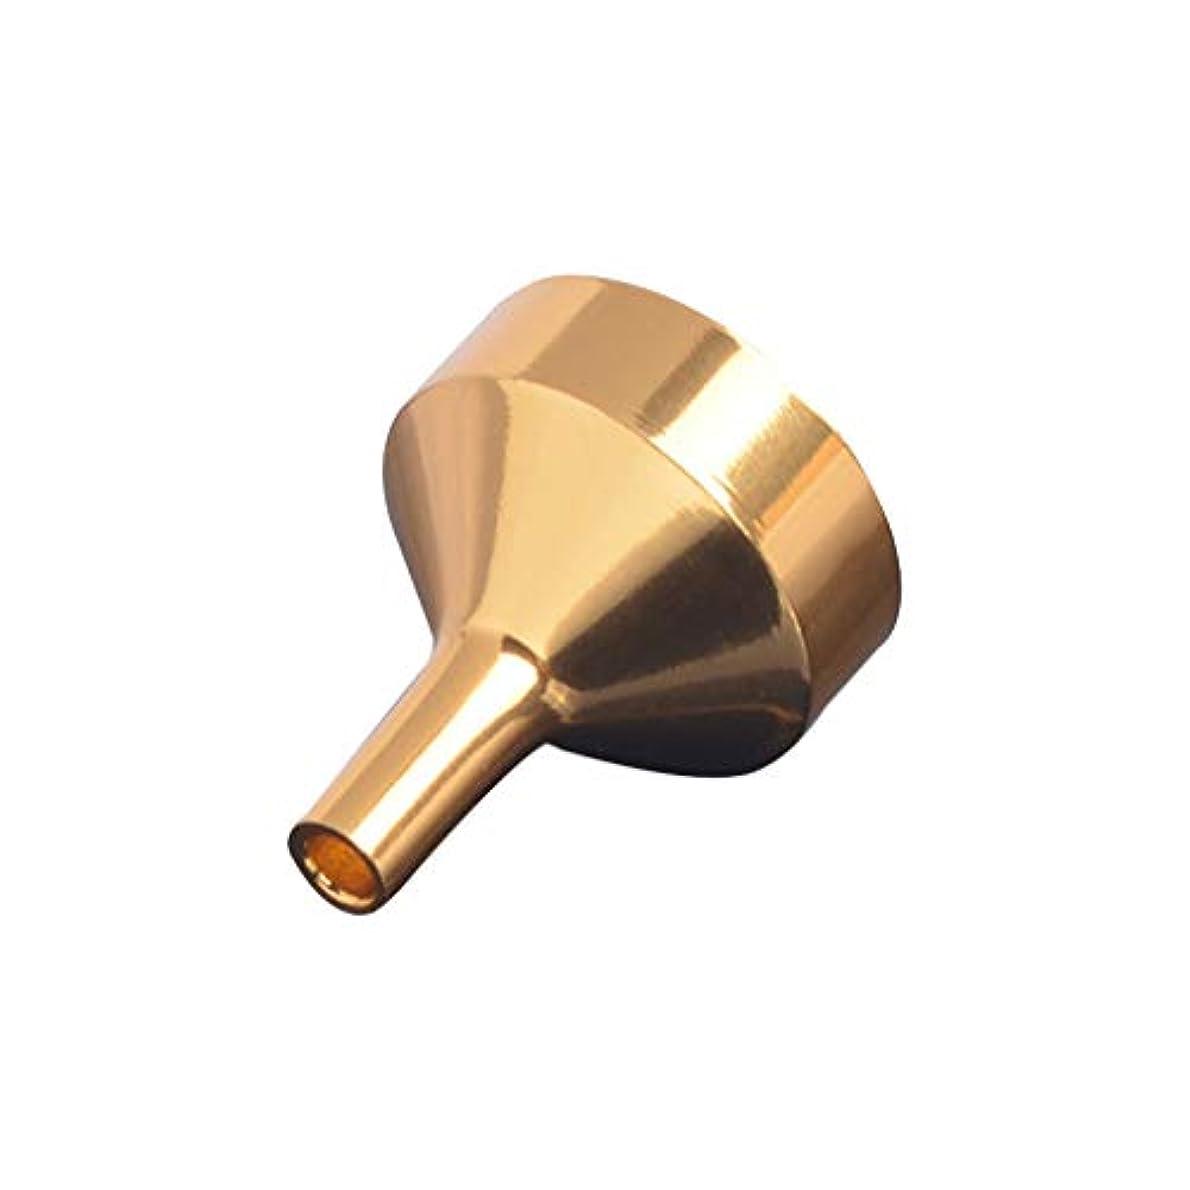 一般的に肥沃な慰めjackyee香水ディフューザーボトルワインポットコンテナーテストフレグランスミニディスペンシング香水ツール香水ファンネル-金属金のミニ液体漏斗オイルホッパー充填ツール